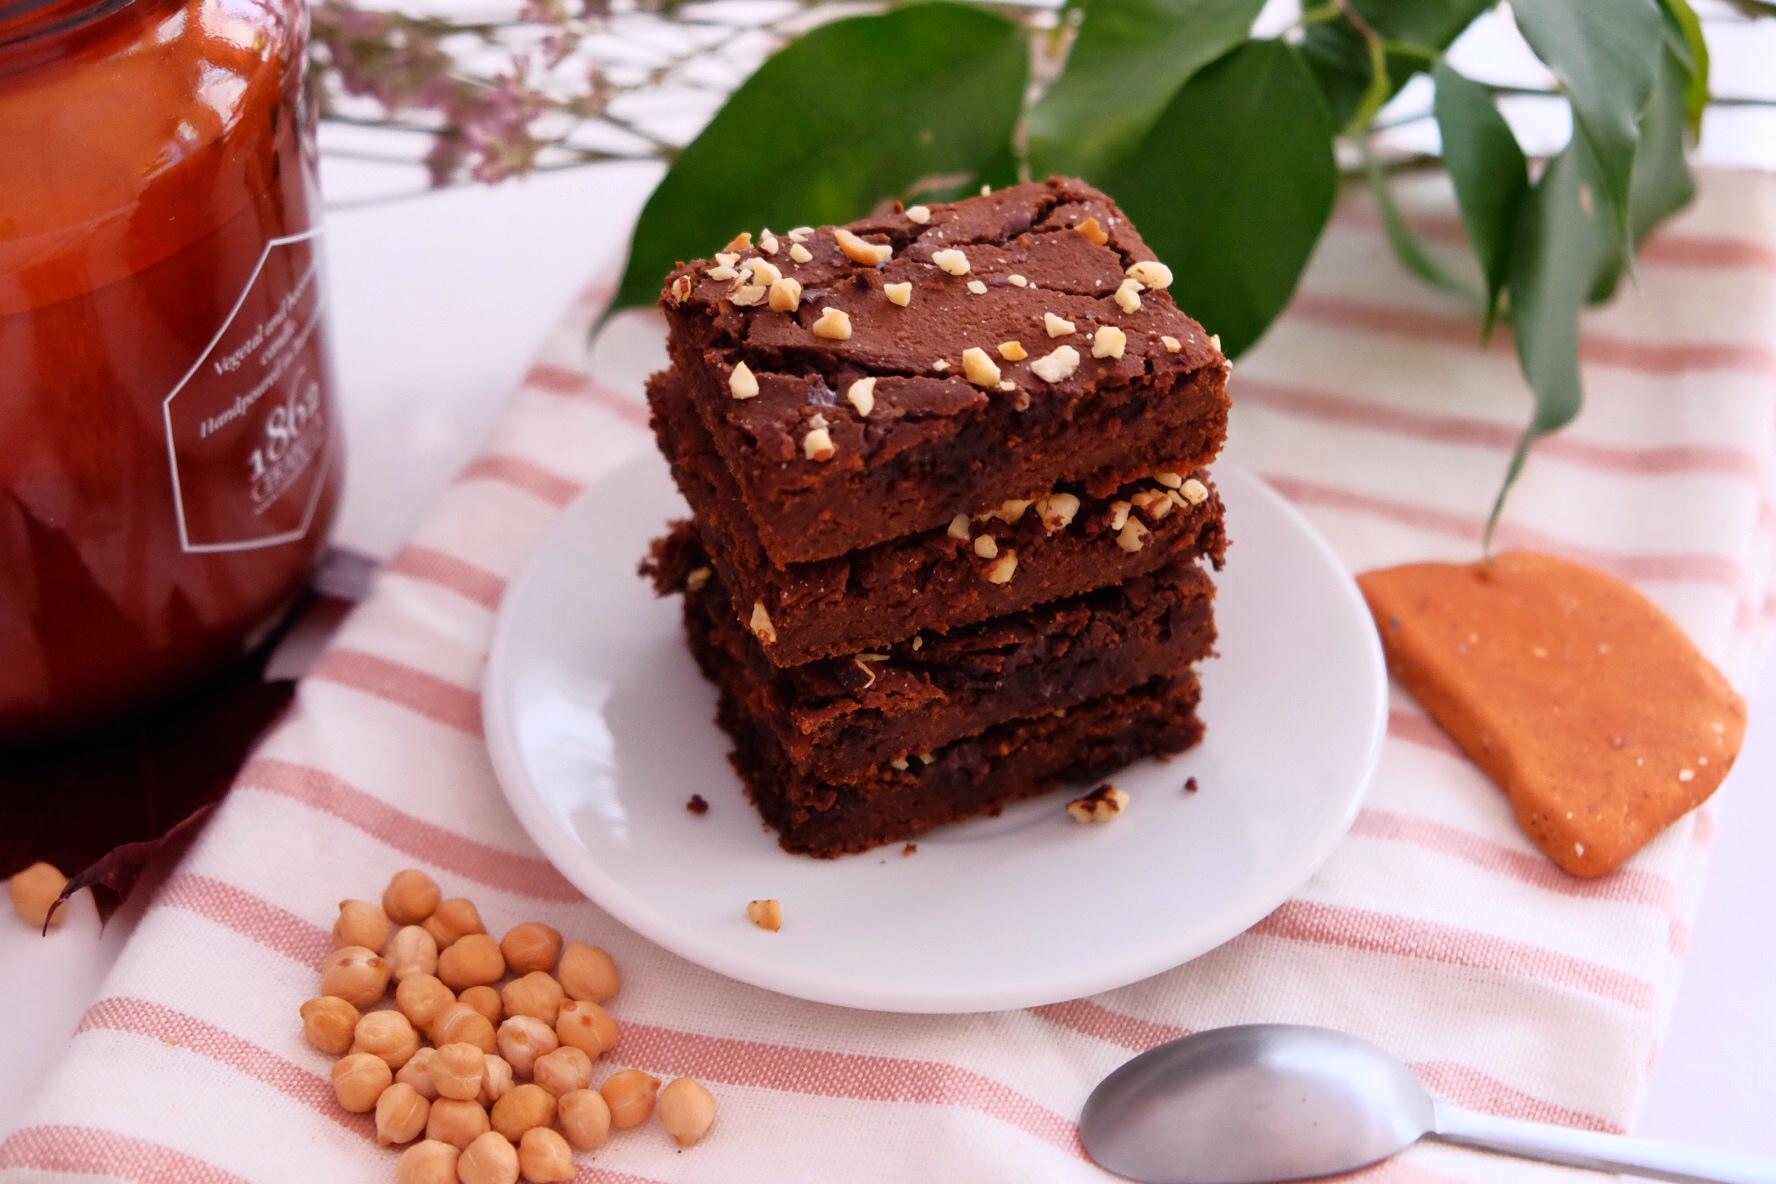 Le brownie au chocolat et aux pois chiches